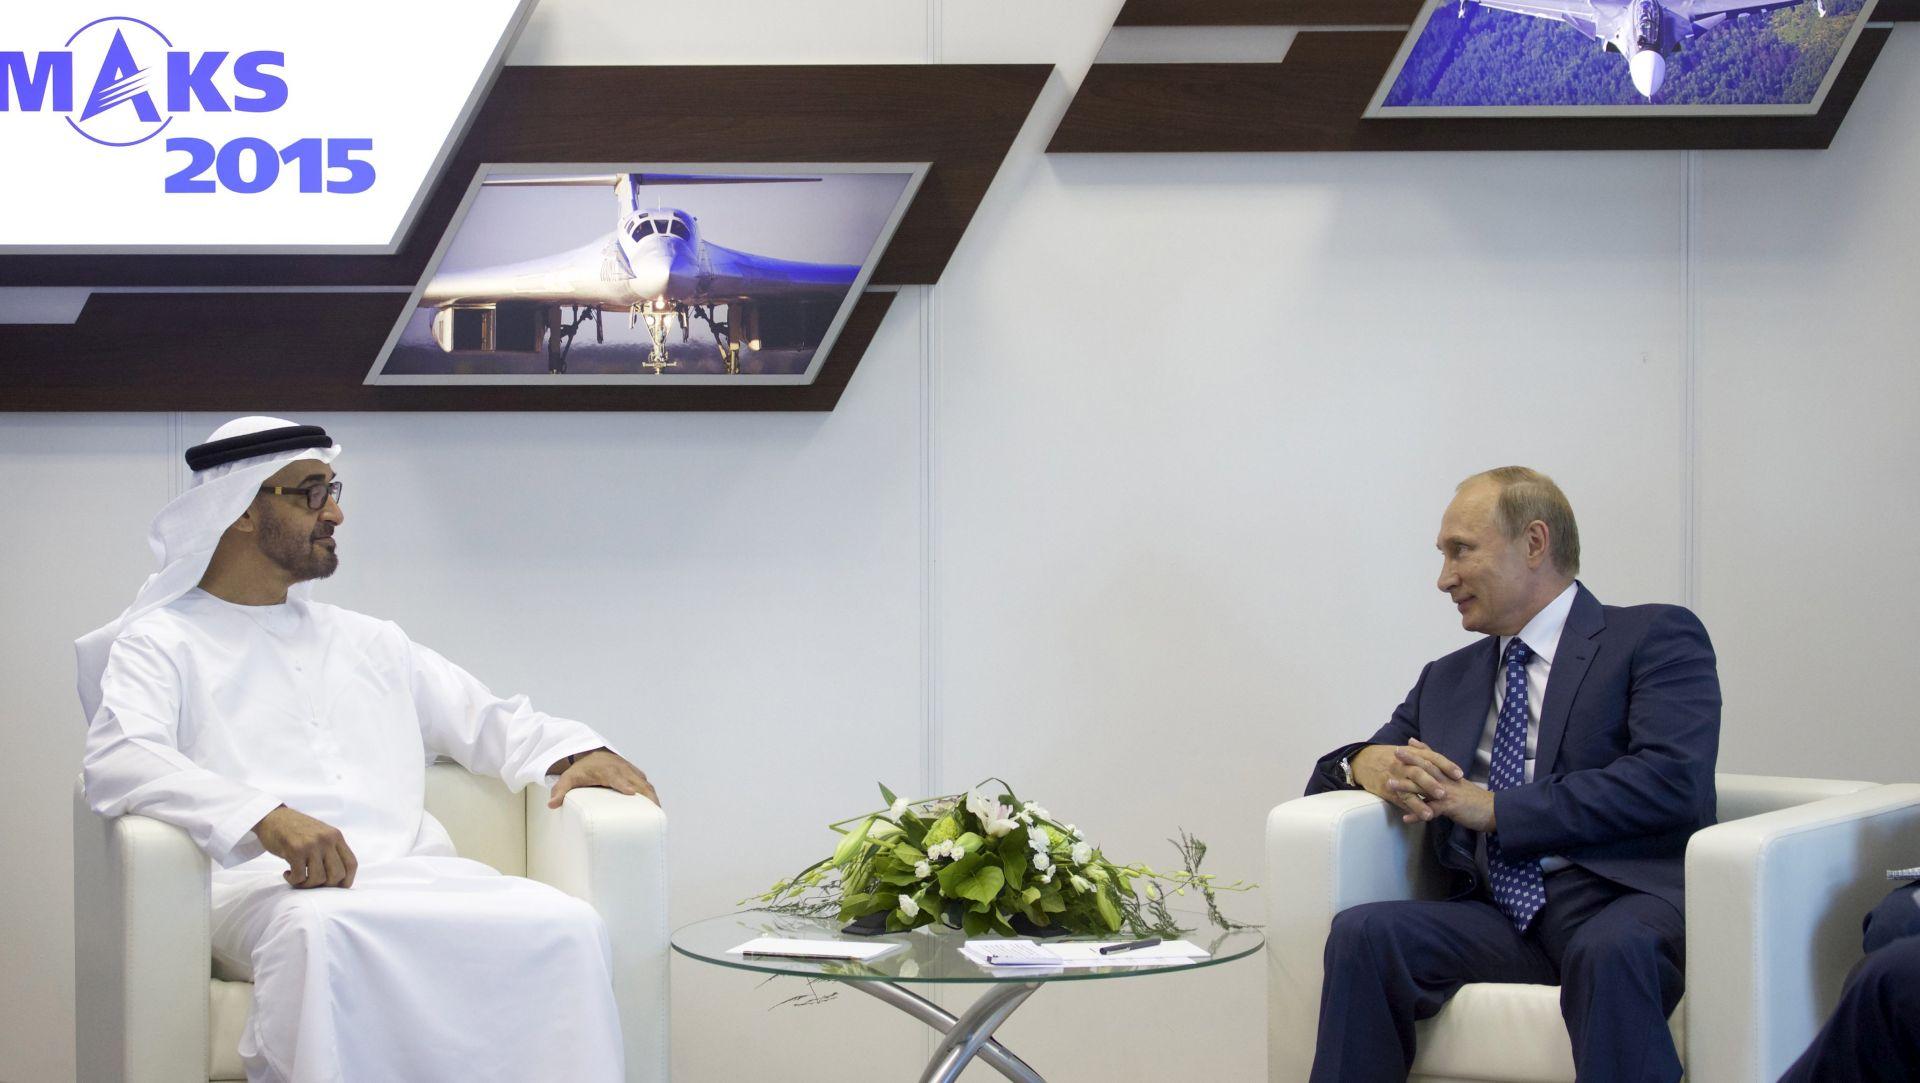 Jordanski kralj Abdulah II. se sastao s Putinom u Moskvi